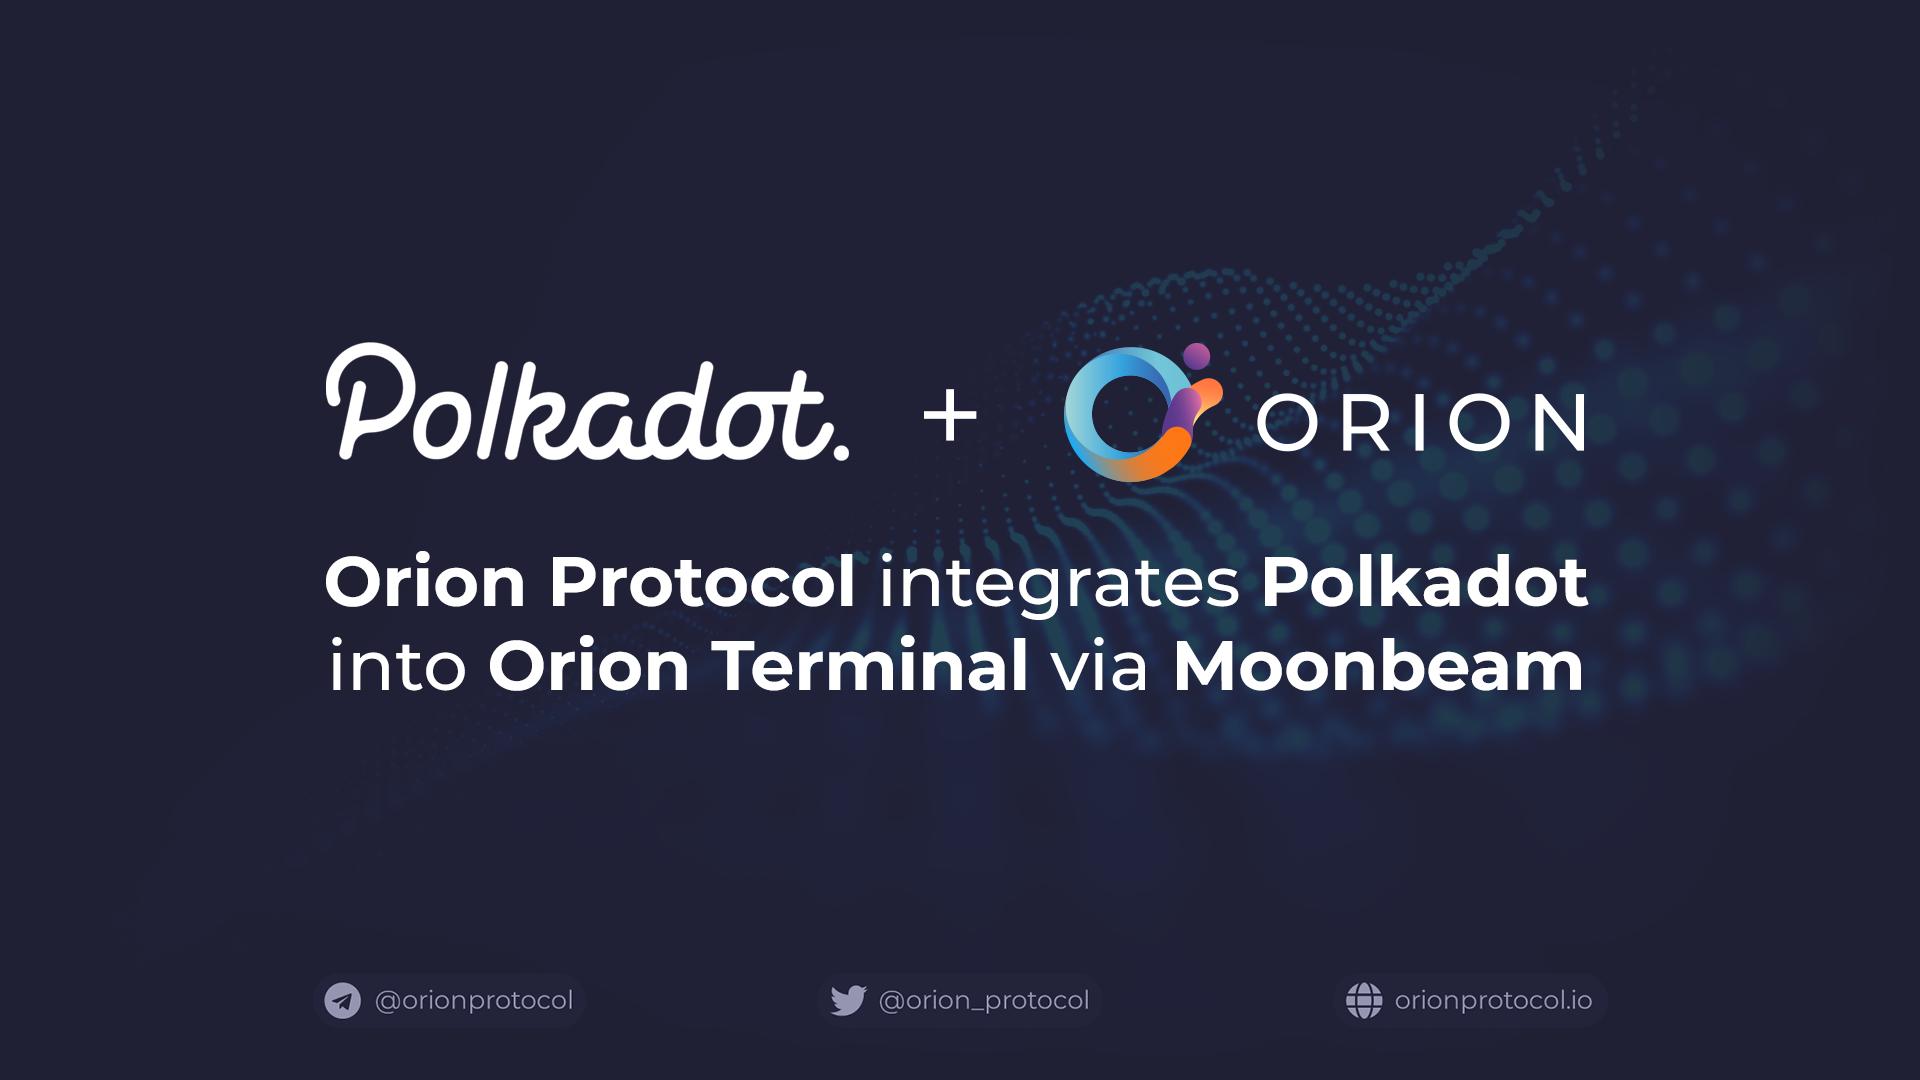 Orion Protocol Integrates Polkadot